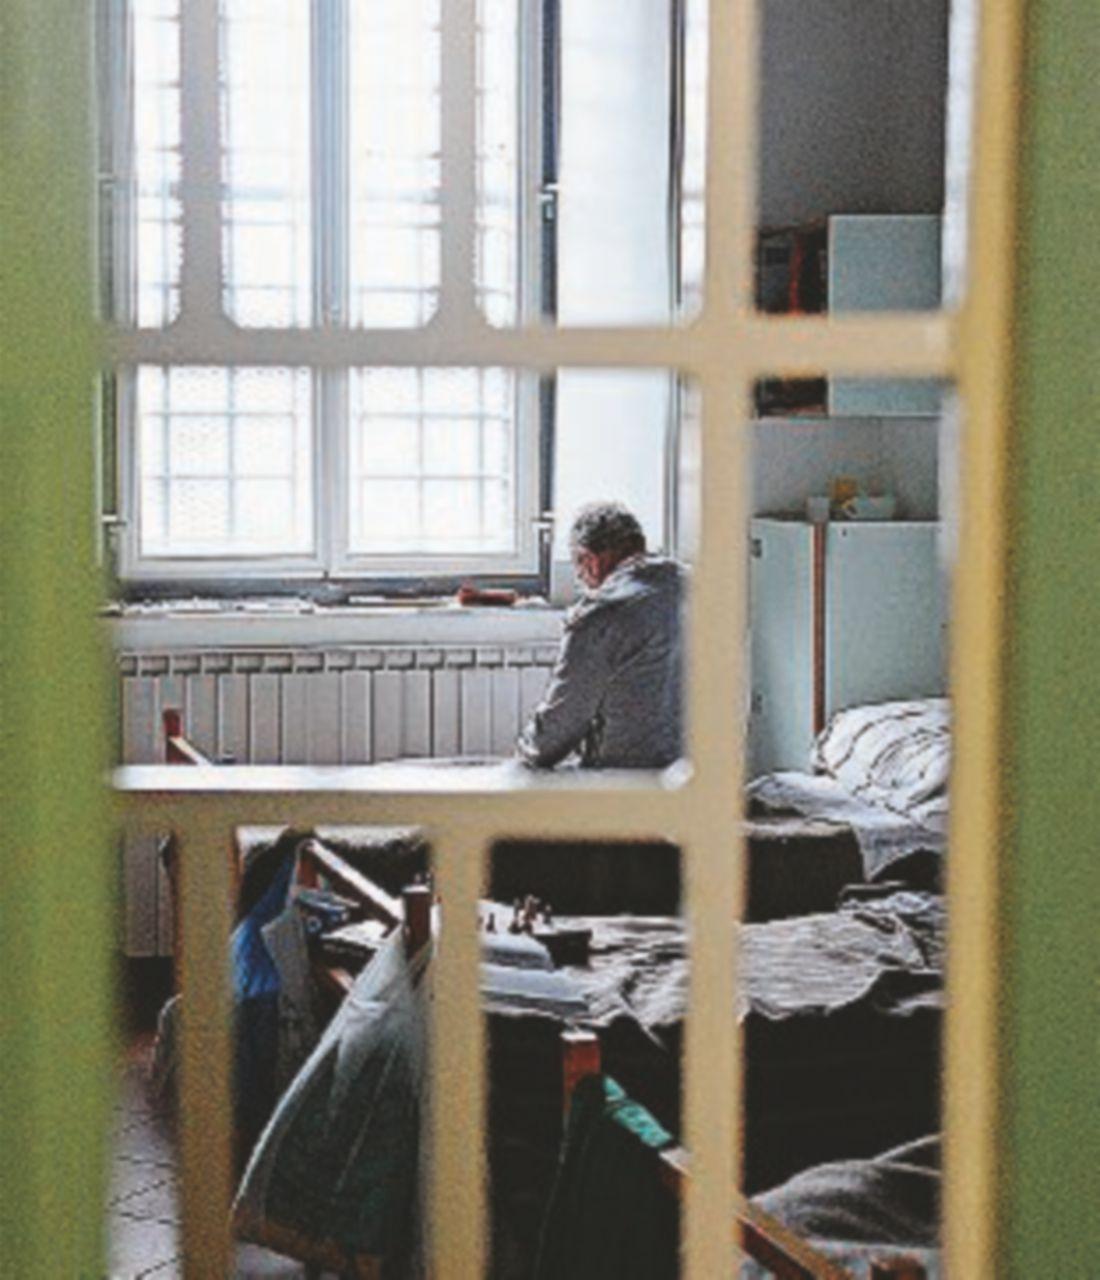 Carceri sovraffollate e maltrattamenti. Strasburgo boccia (ancora) l'Italia